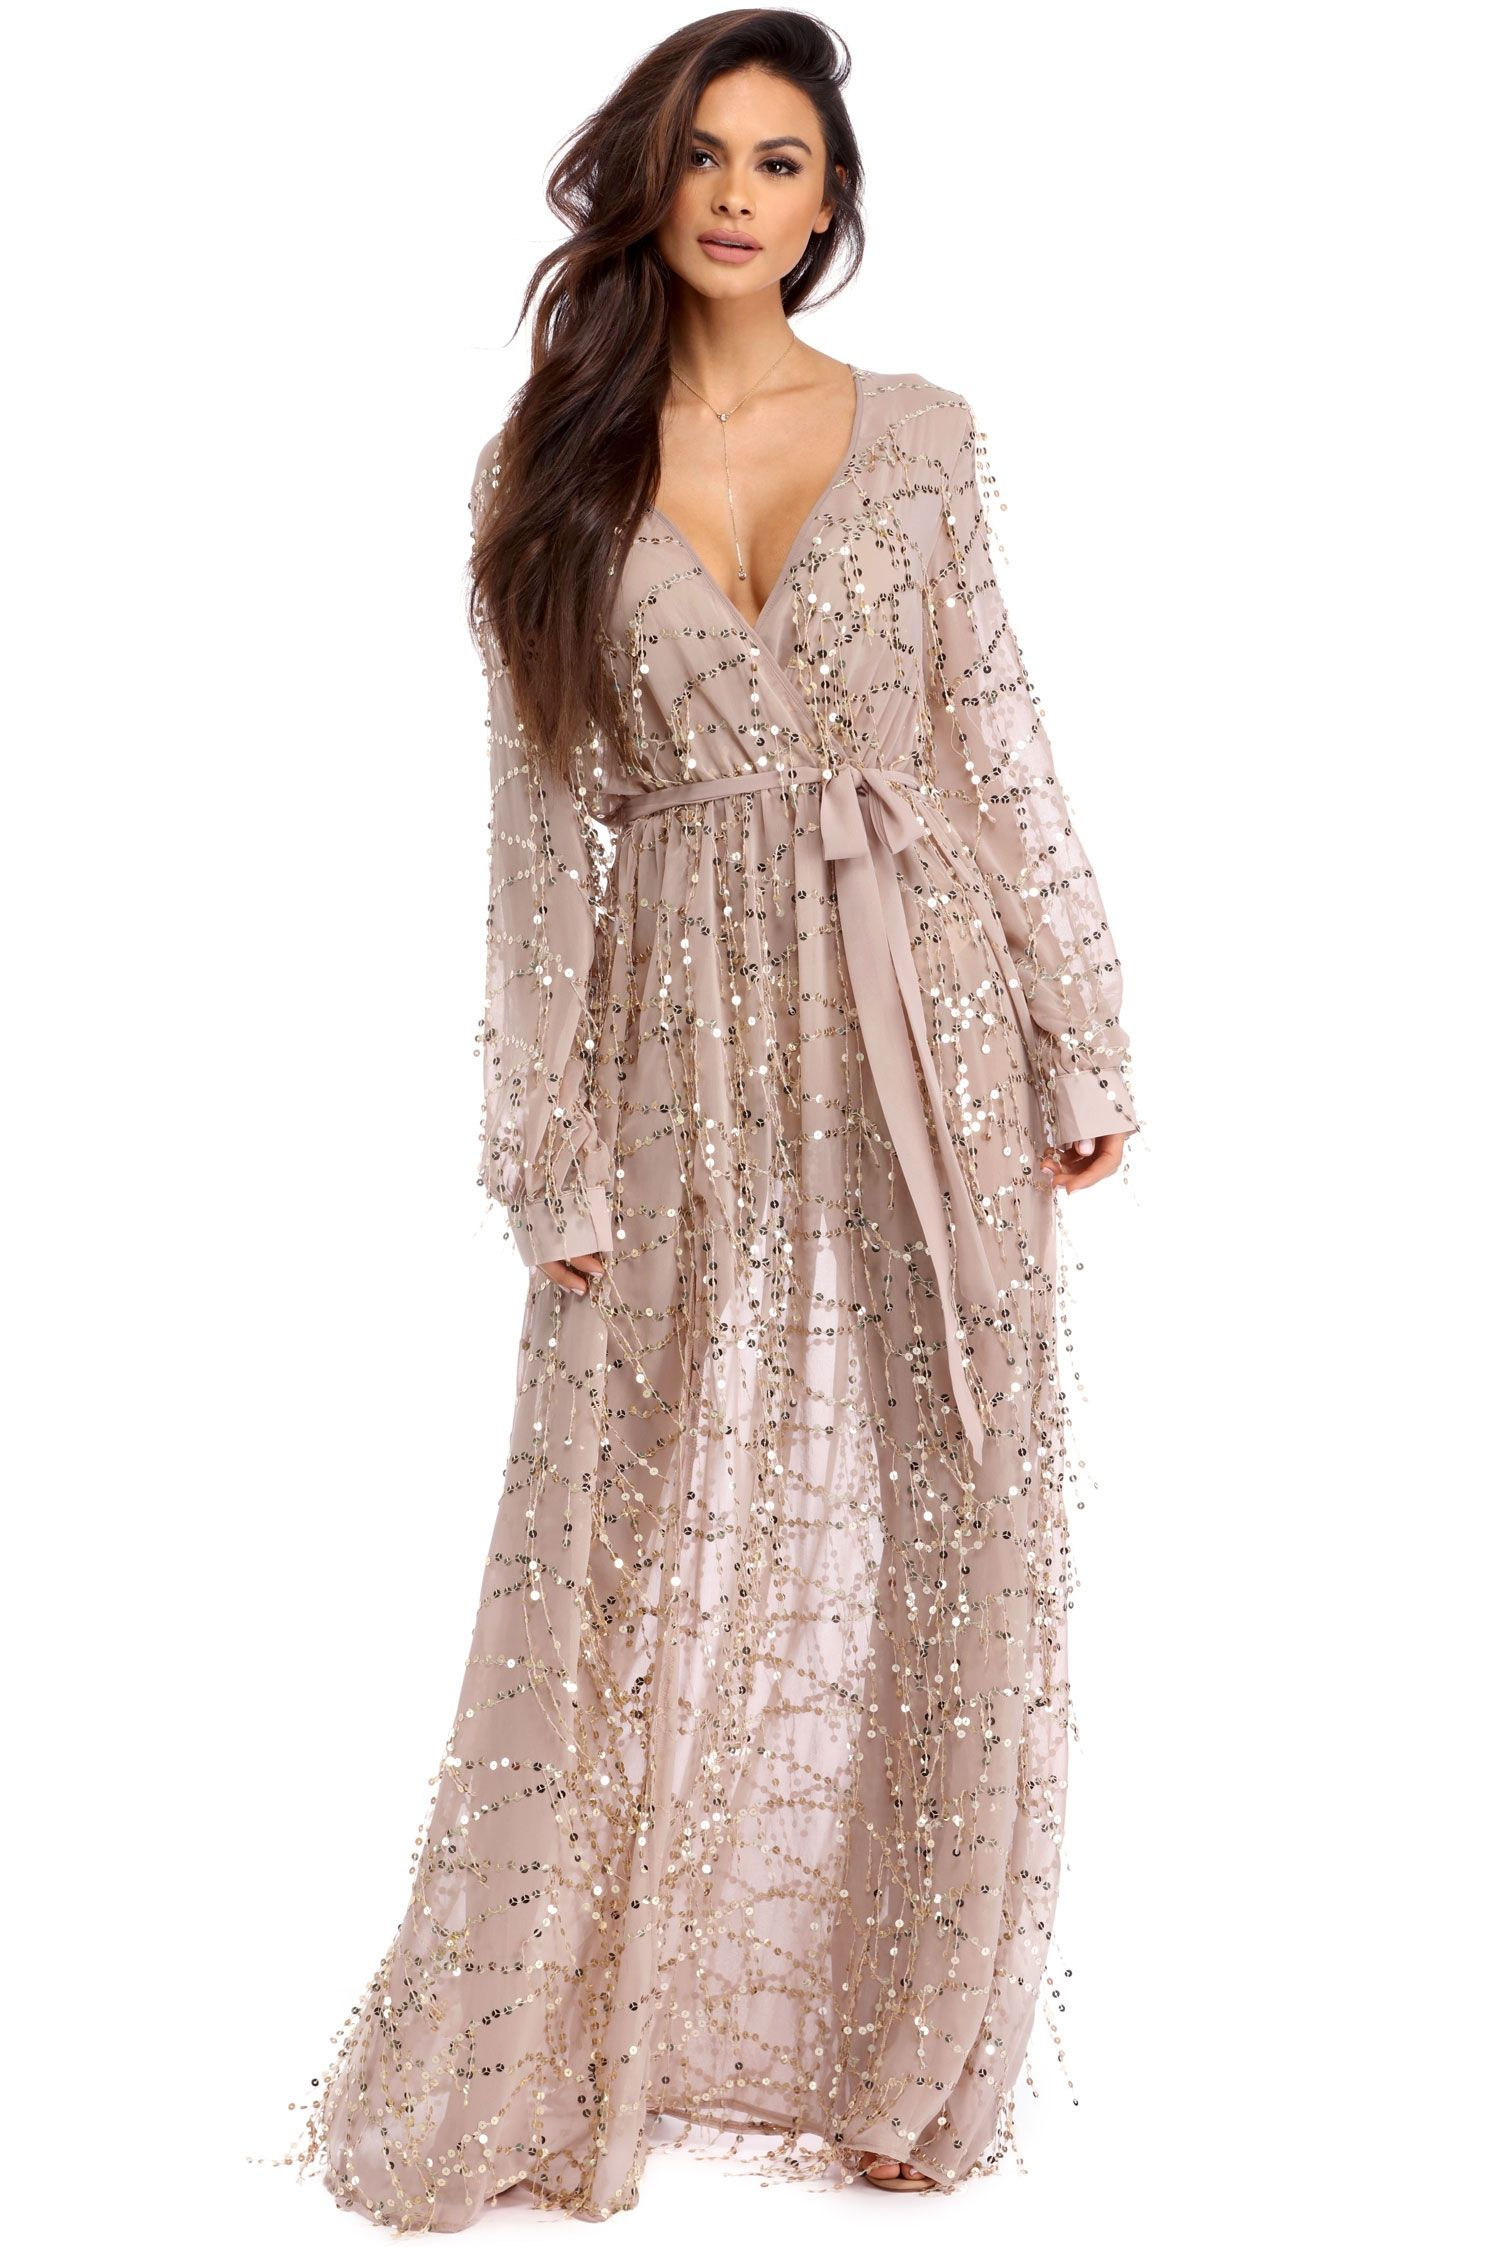 Cressida Natural Sparkling Goddess Dress | windsor | Wrap